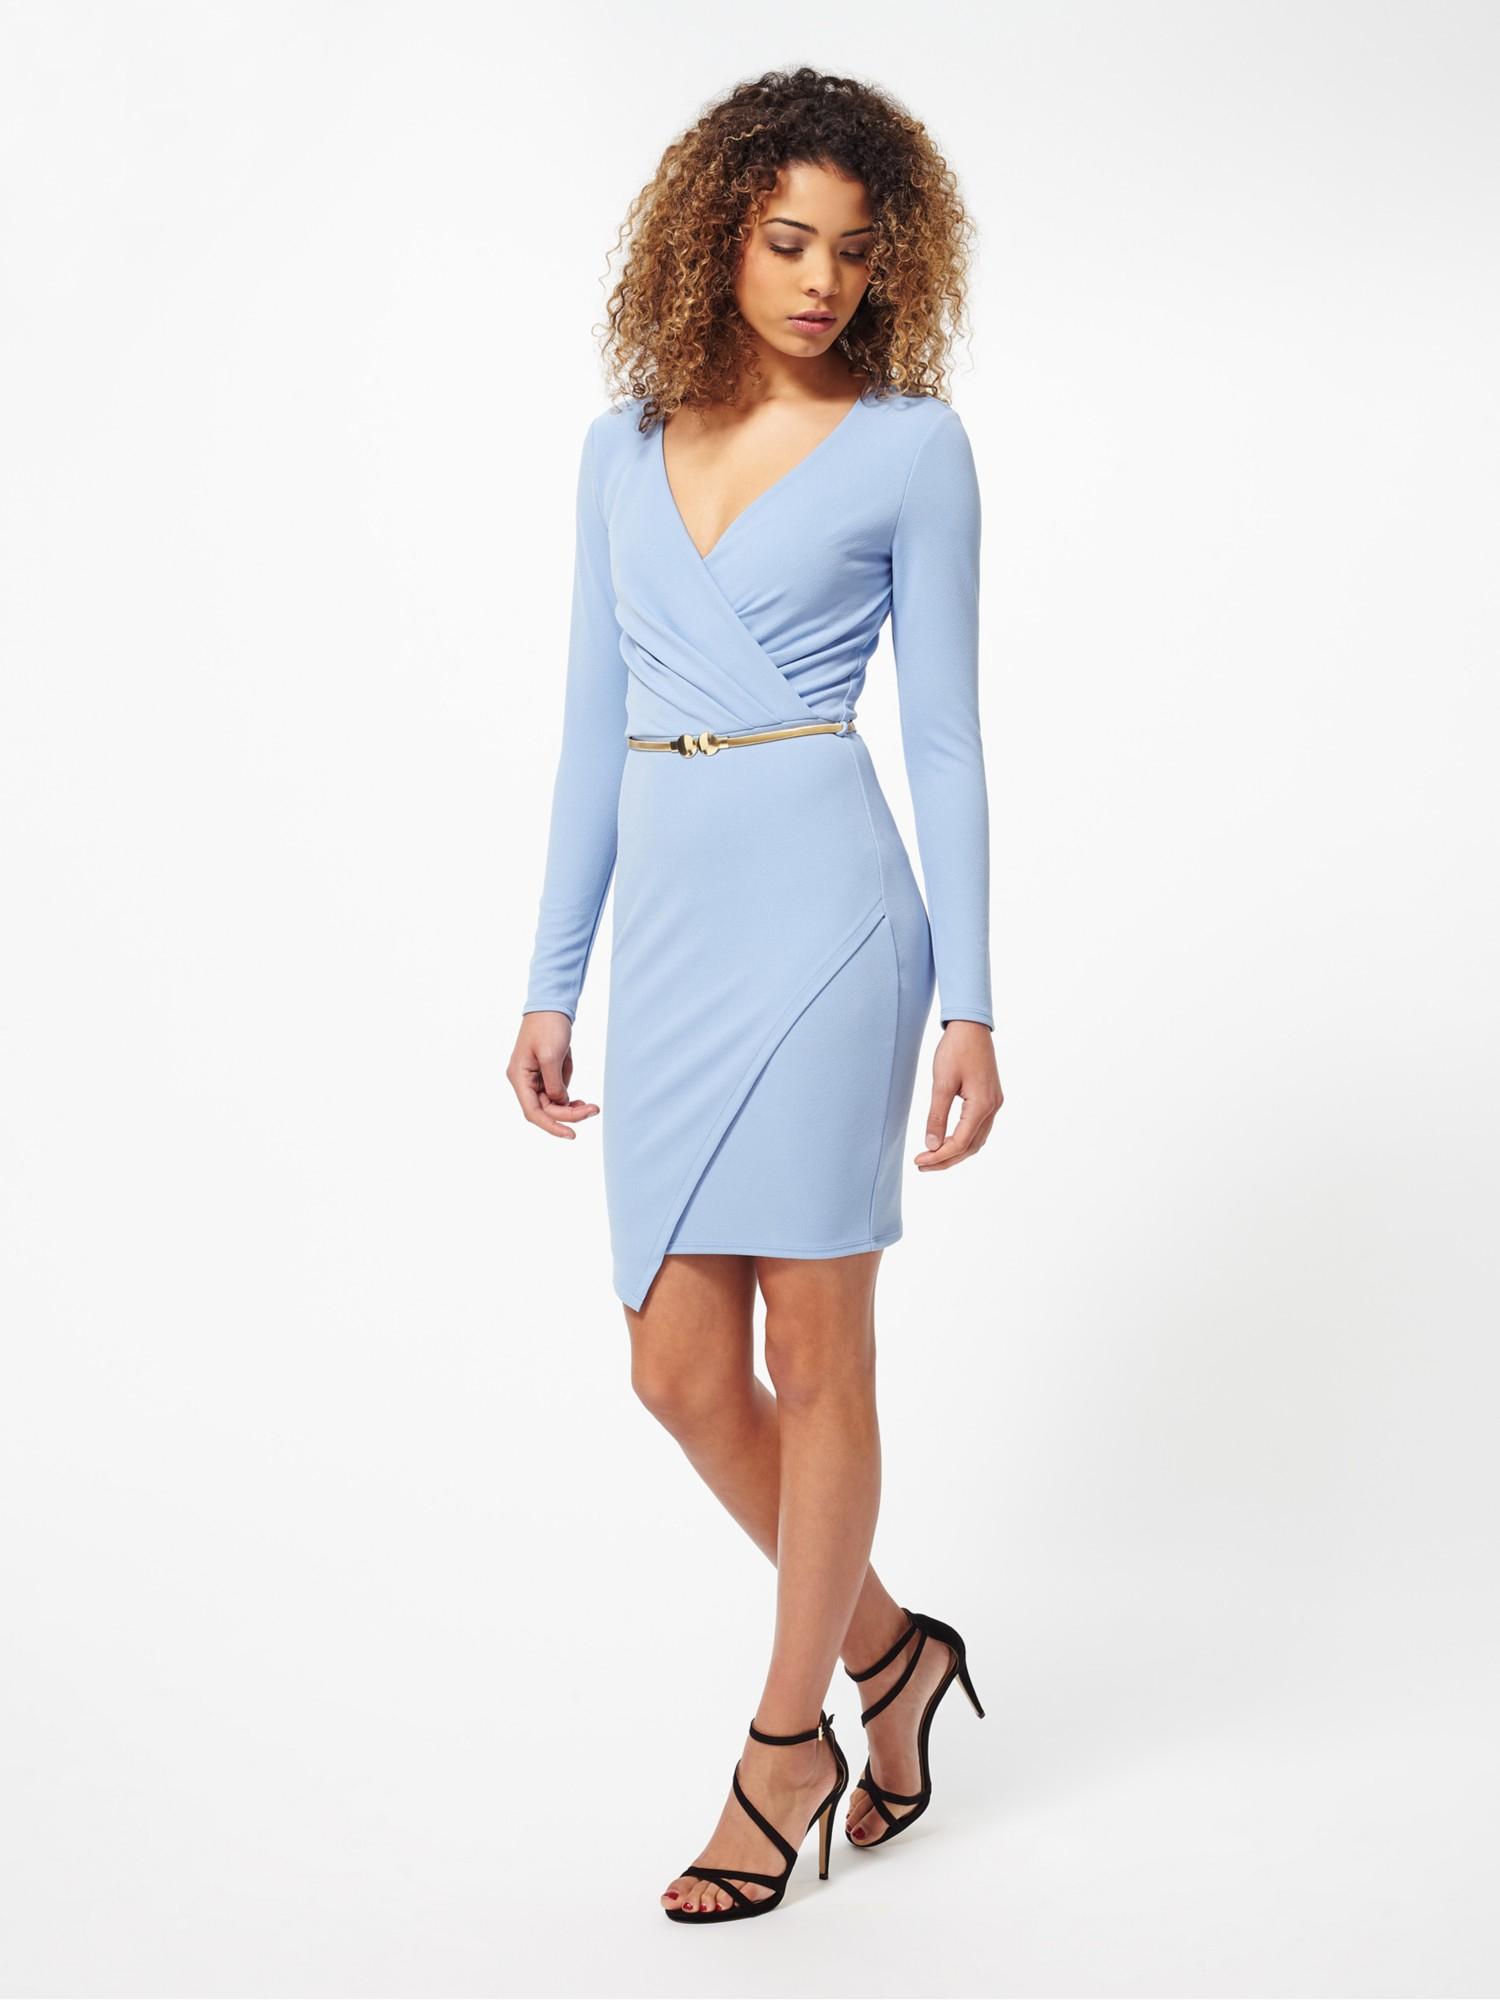 Lyst Miss Selfridge Wrap Front Long Sleeve Dress in Blue